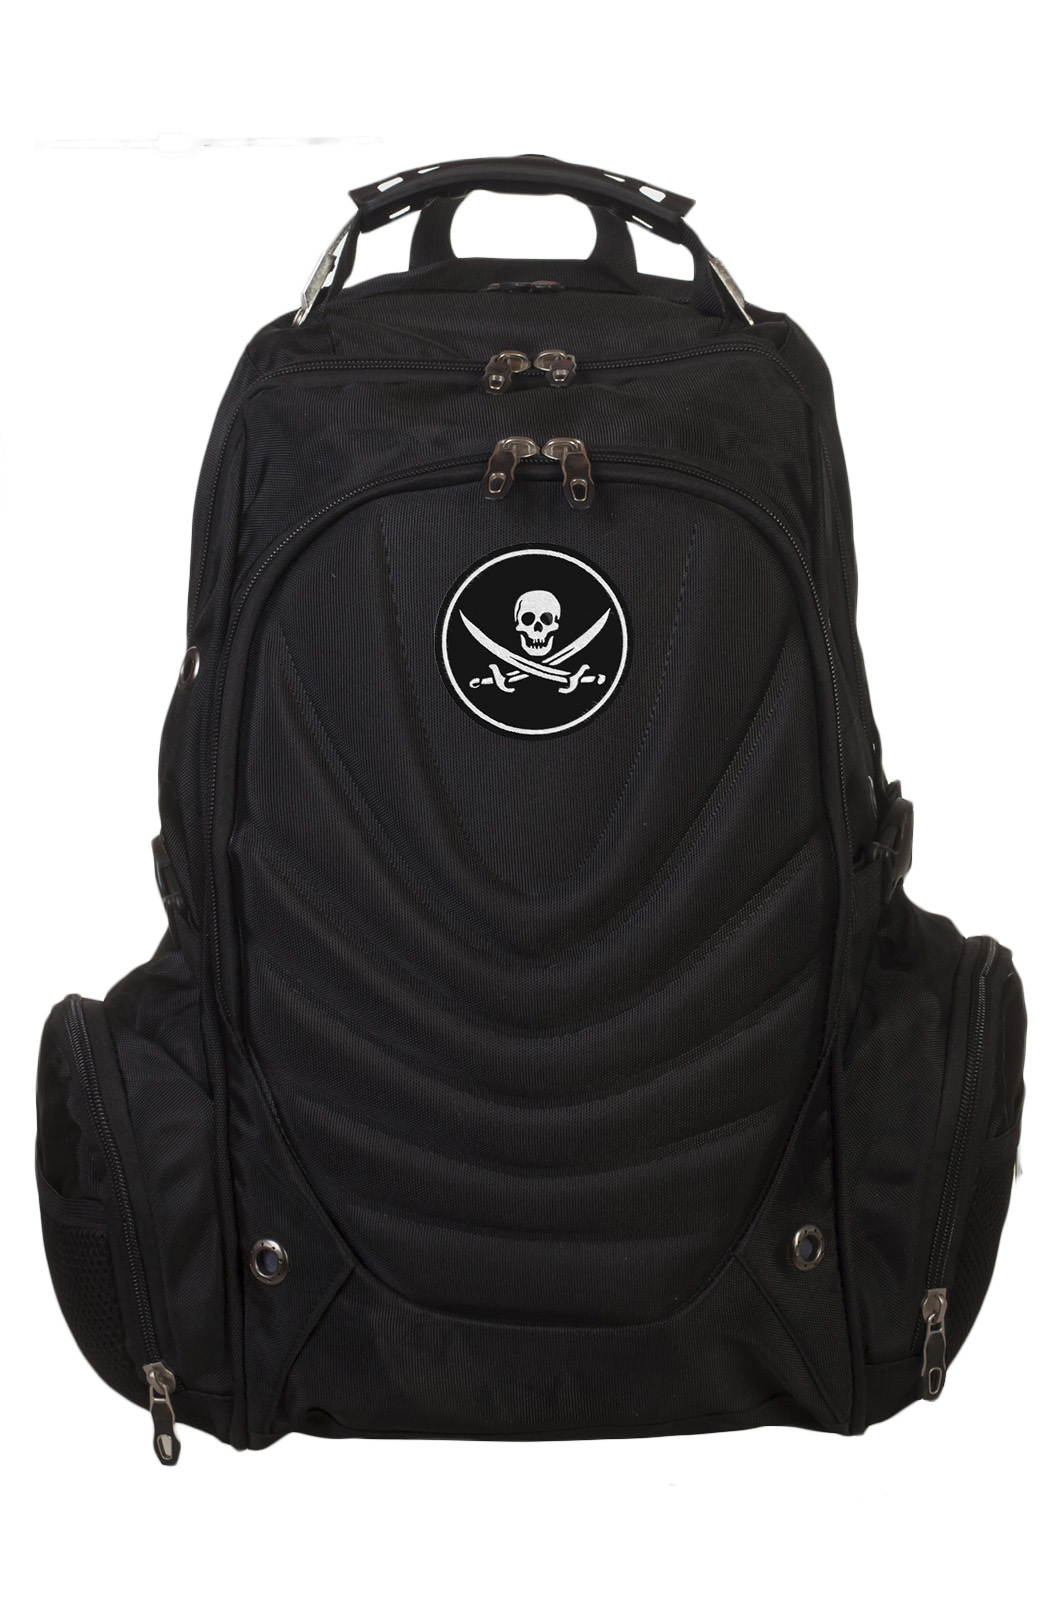 Черный вместительный рюкзак с нашивкой Пиратский флаг